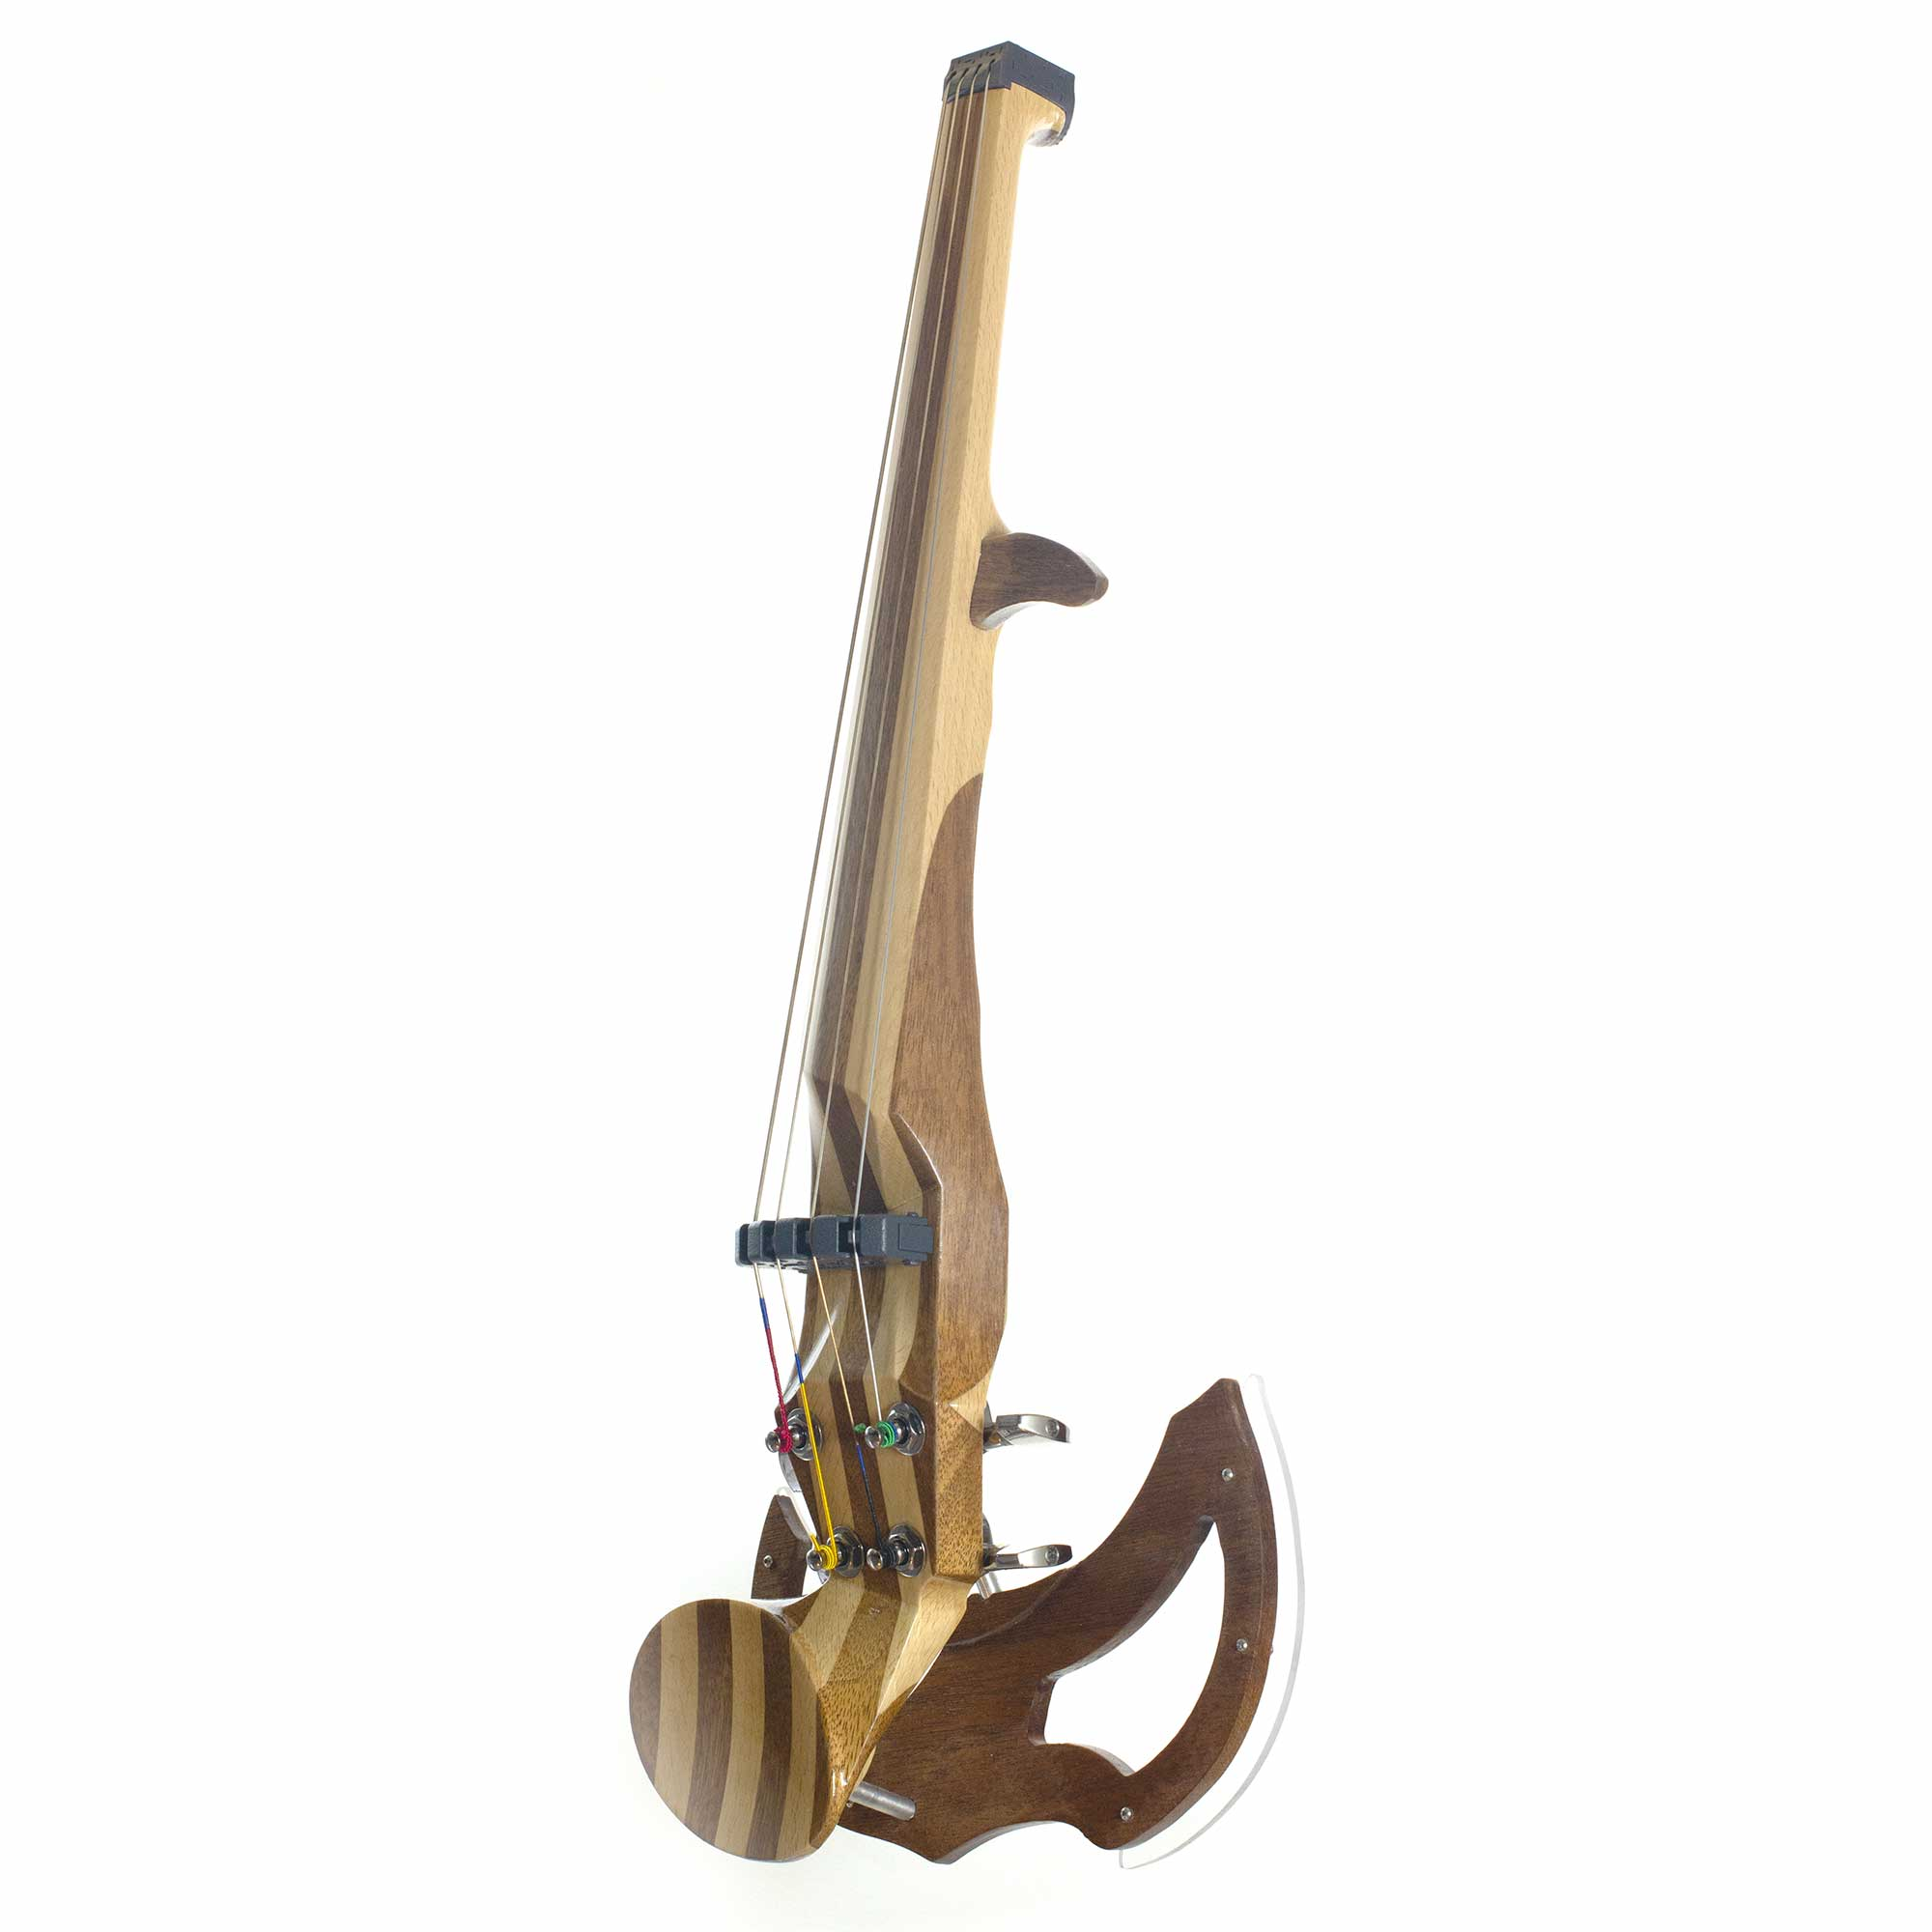 Un violon électrique équipé de cordes baryton